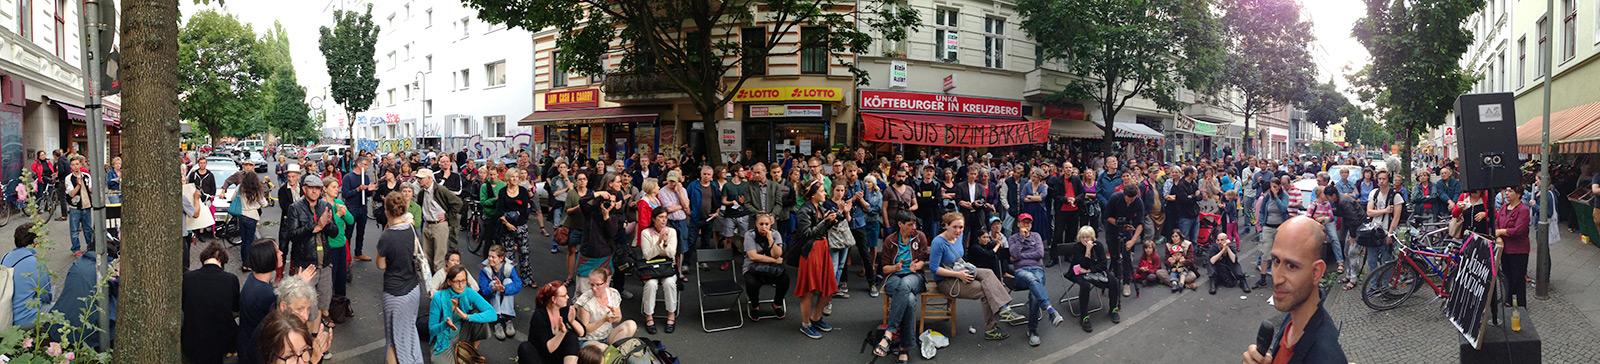 """7. Bizim Kiez Versammlung am 8. Juli – Weiter nach der Rücknahme der Kündigung von Bizim Bakkal und Thema """"Bizim Hüzün"""" (mehr Bilder mit Klick aufs Bild)"""